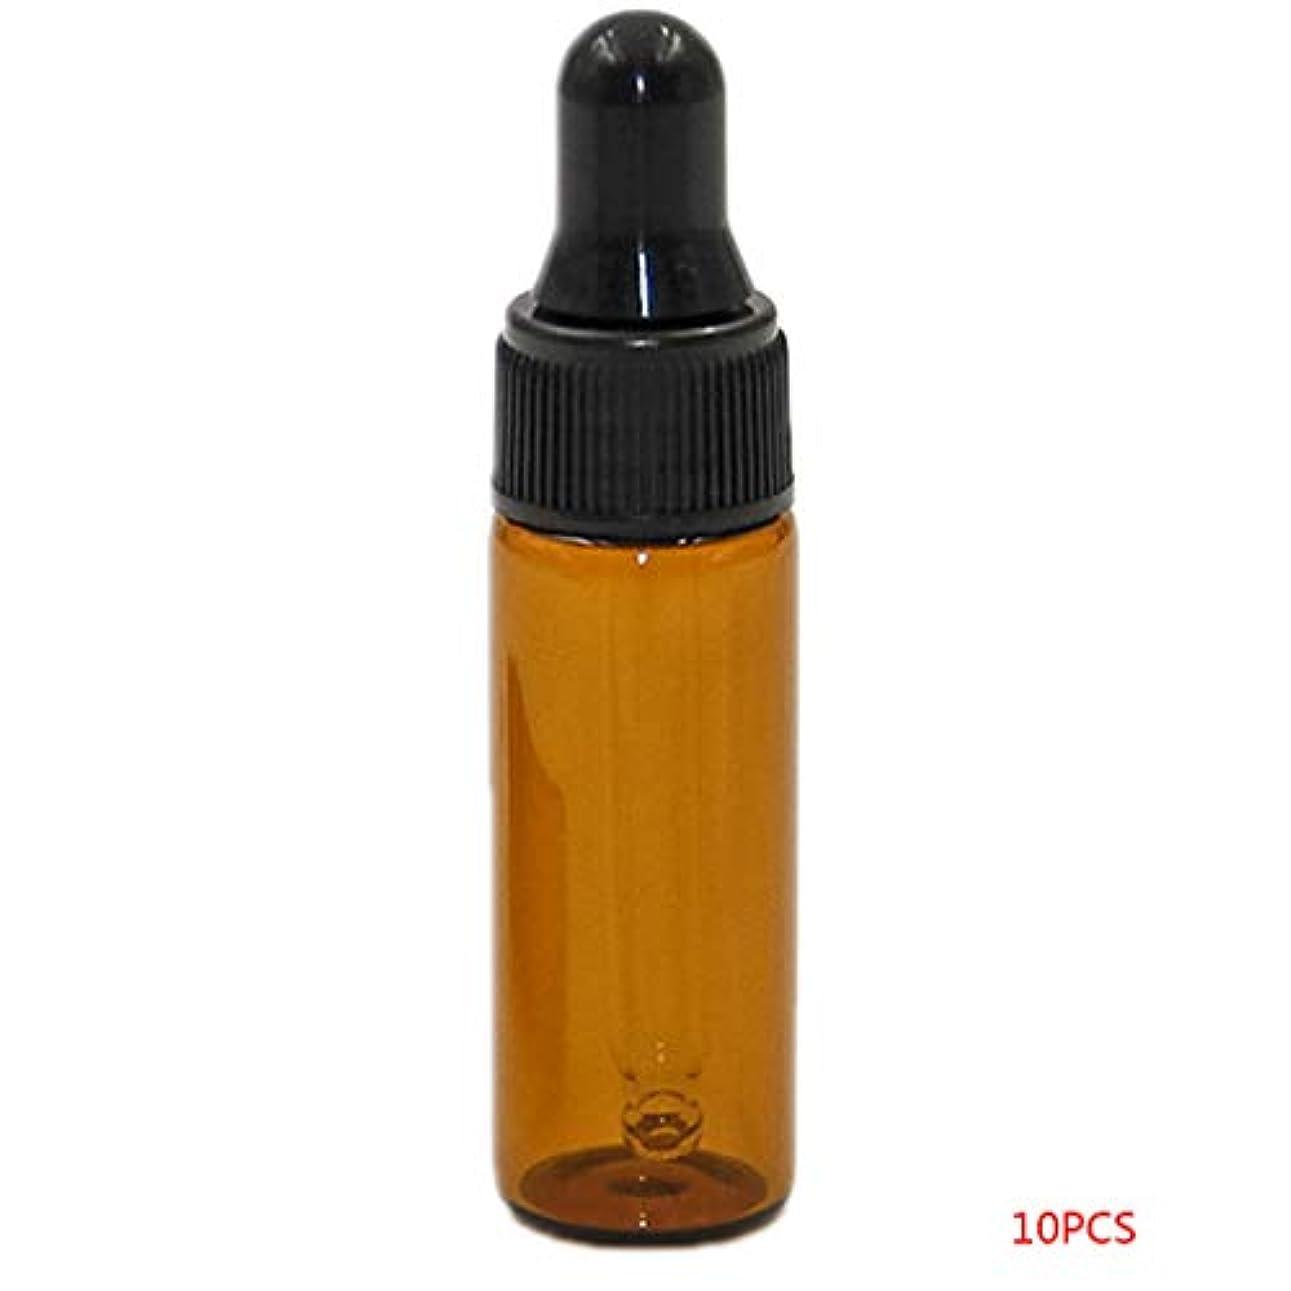 相反するチャンス履歴書Arichops アロマオイル 精油 小分け用 遮光瓶 セット 茶 ガラス アロマ ボトル オイル 用 茶色 瓶 ビン エッセンシャルオイル 保存 詰替え 瓶 ビン